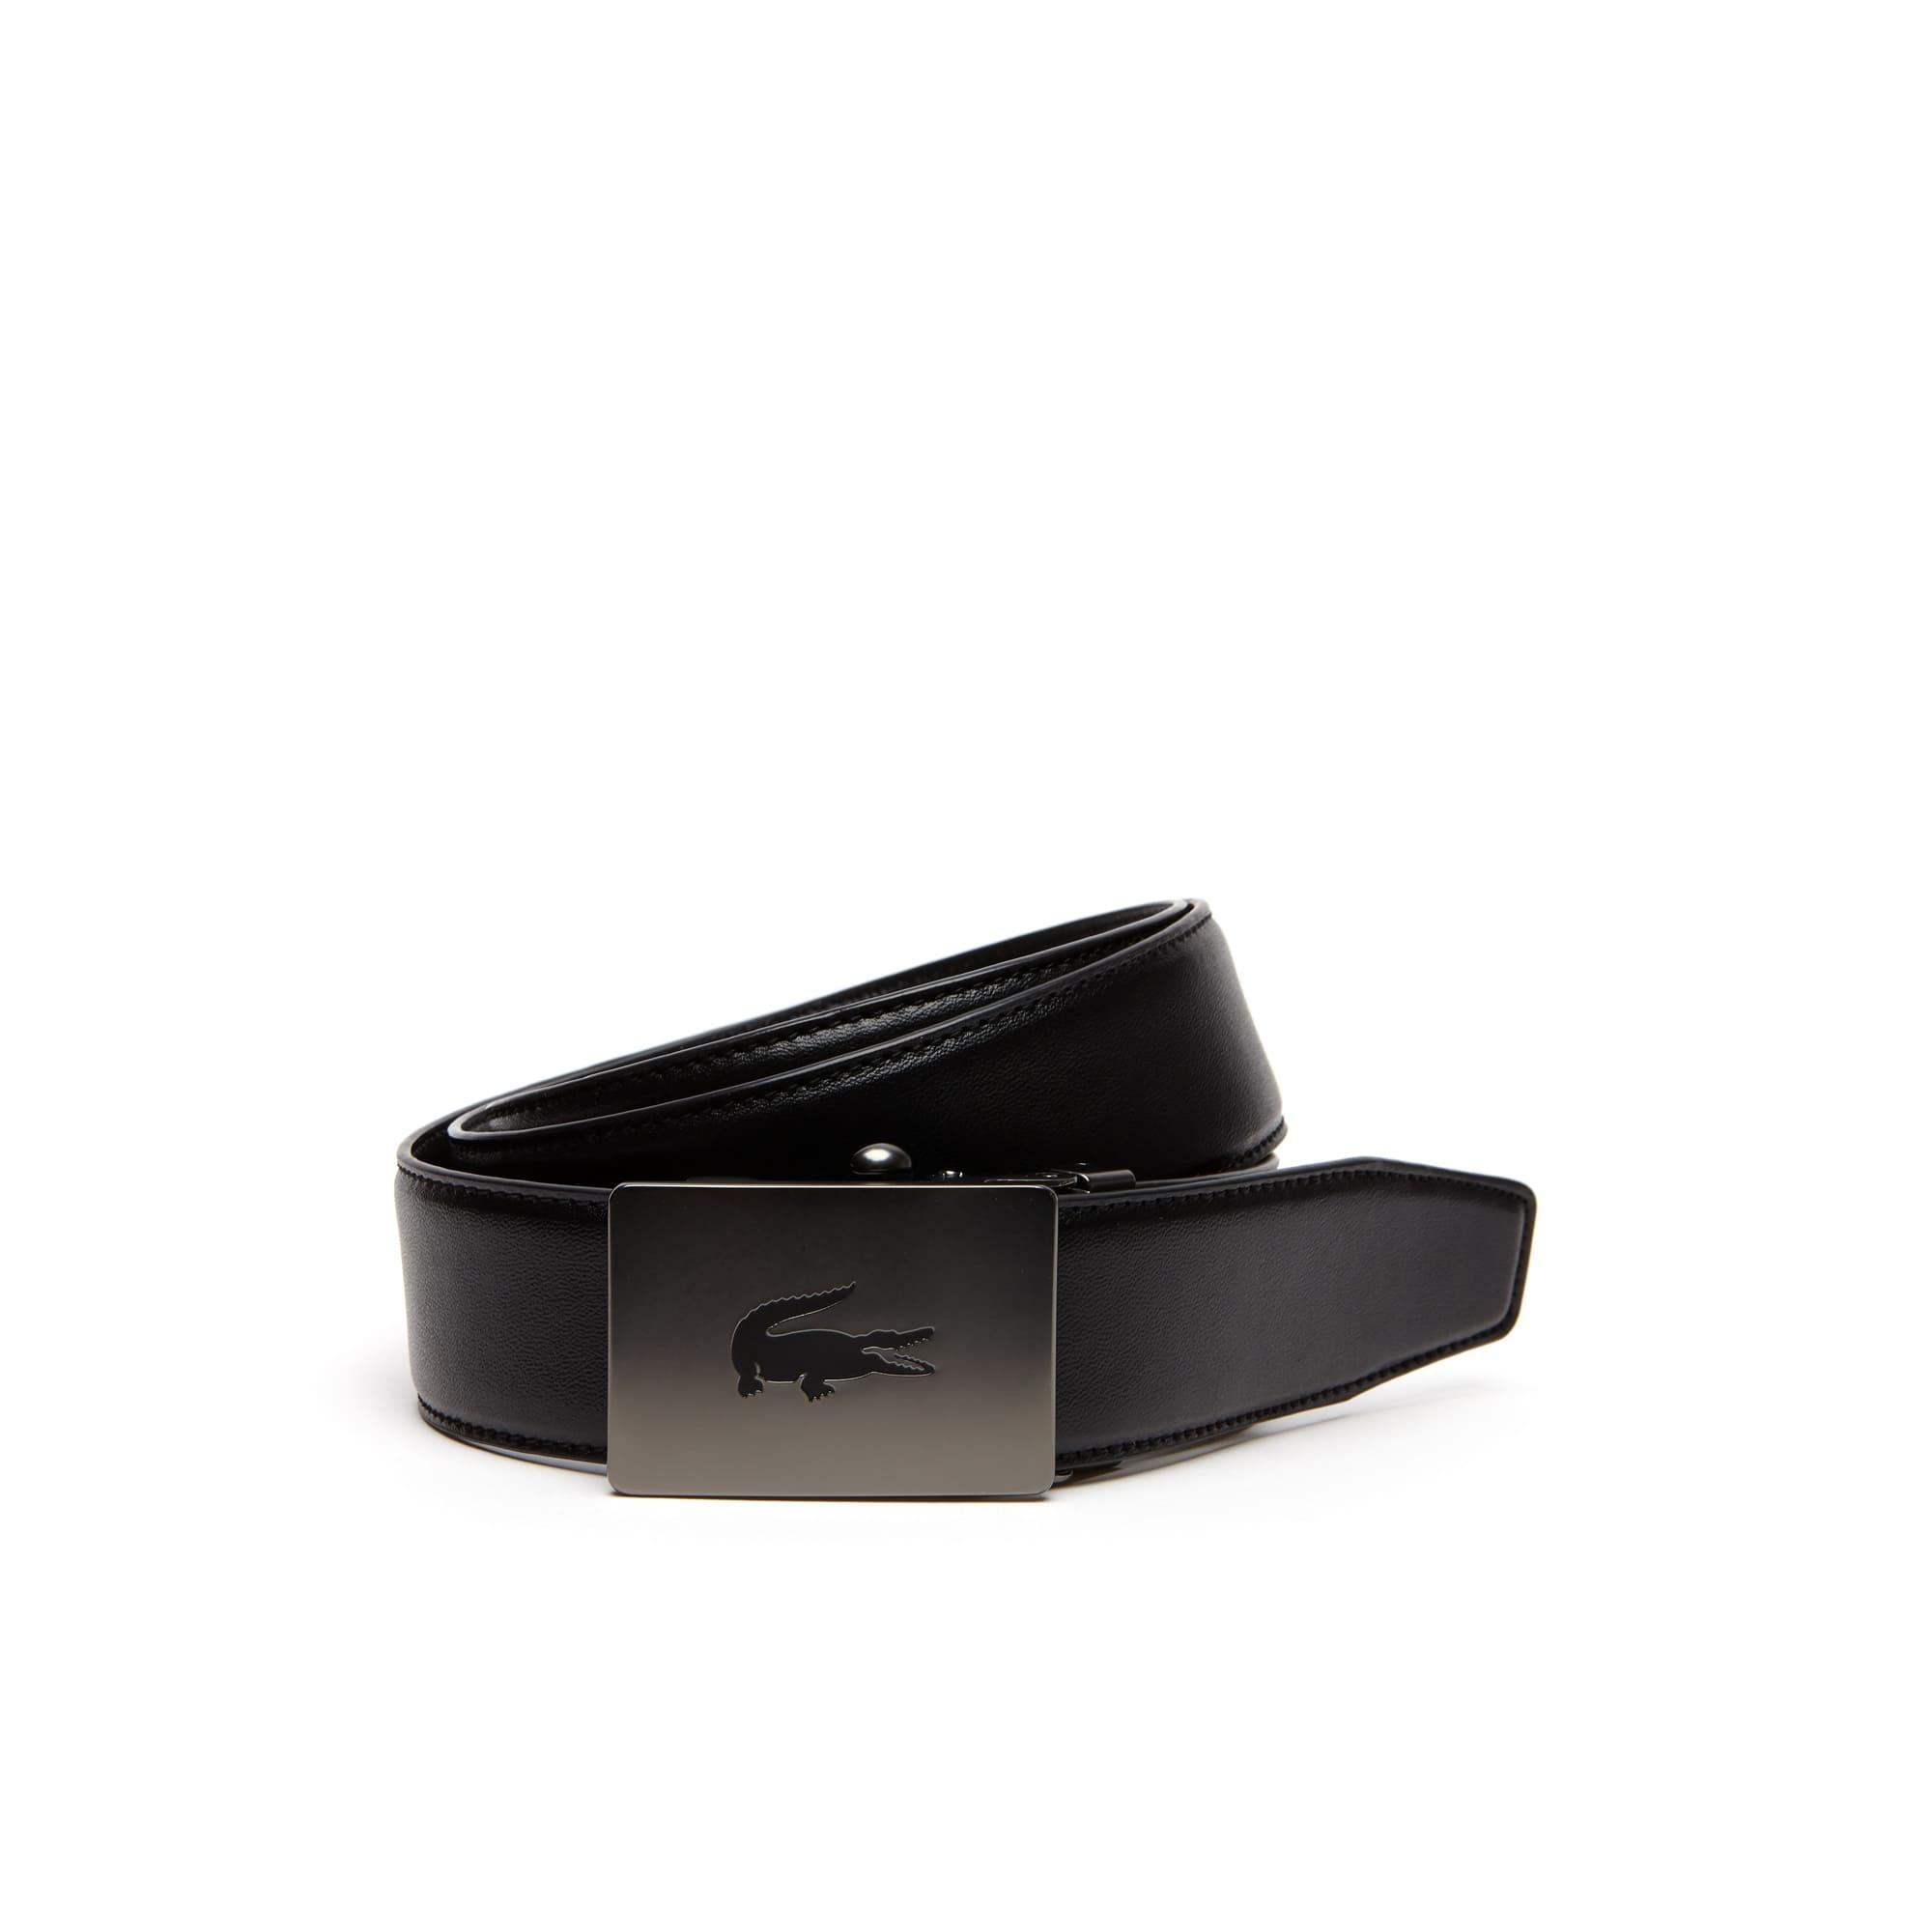 Cintura estensibile in pelle con fibbia a placca dotata di incisione Lacoste